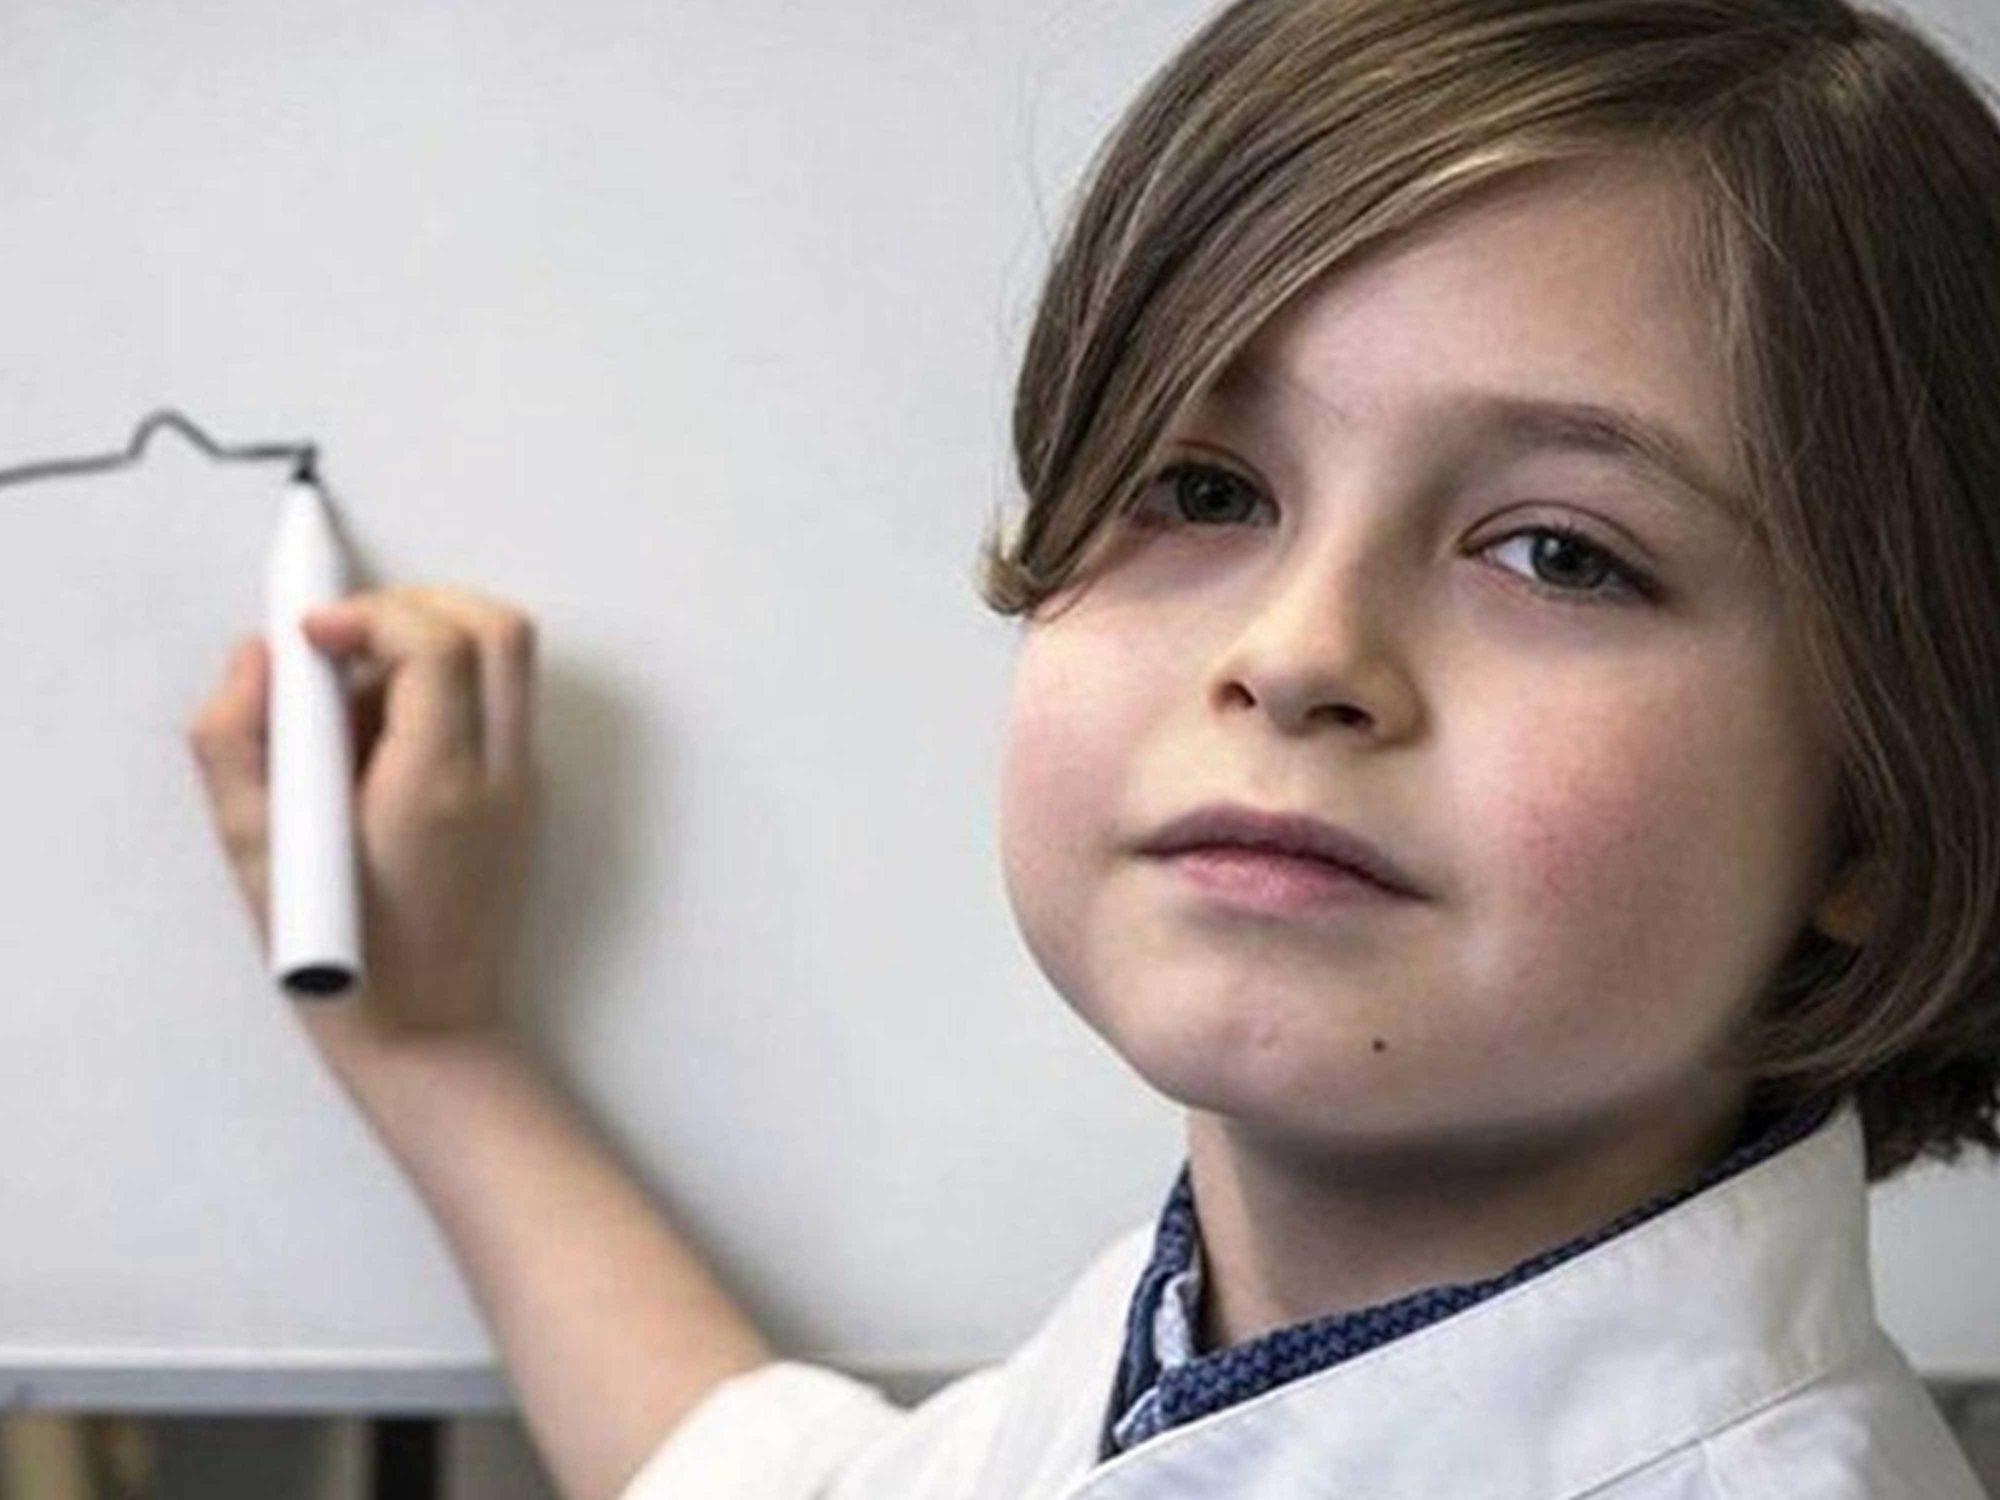 Laurent, el niño genio que está a punto de terminar una carrera de ingeniería con 9 años